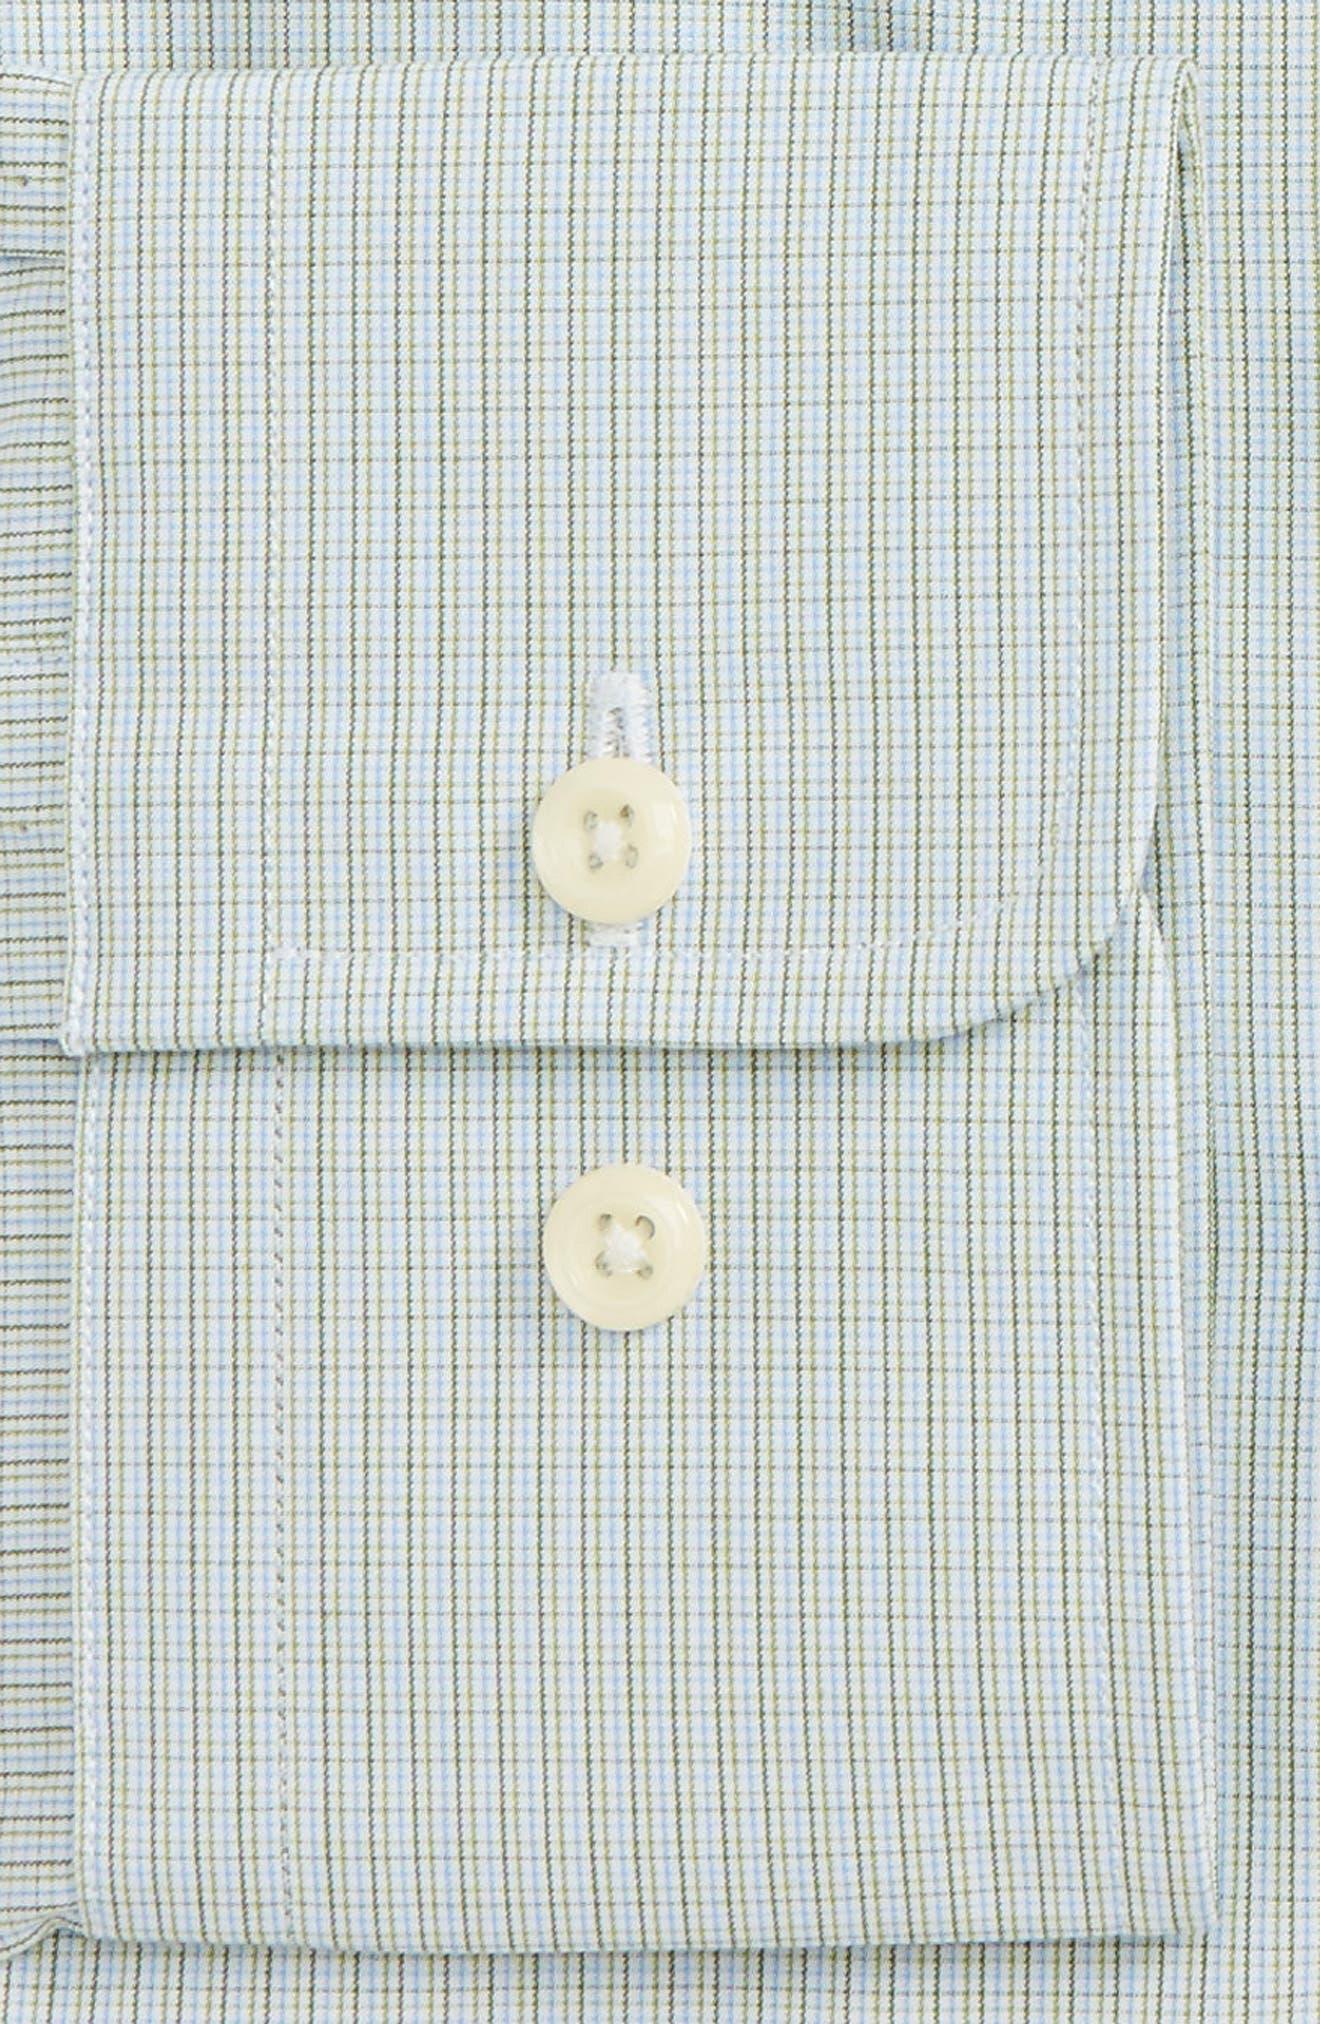 Trim Fit Check Dress Shirt,                             Alternate thumbnail 2, color,                             314